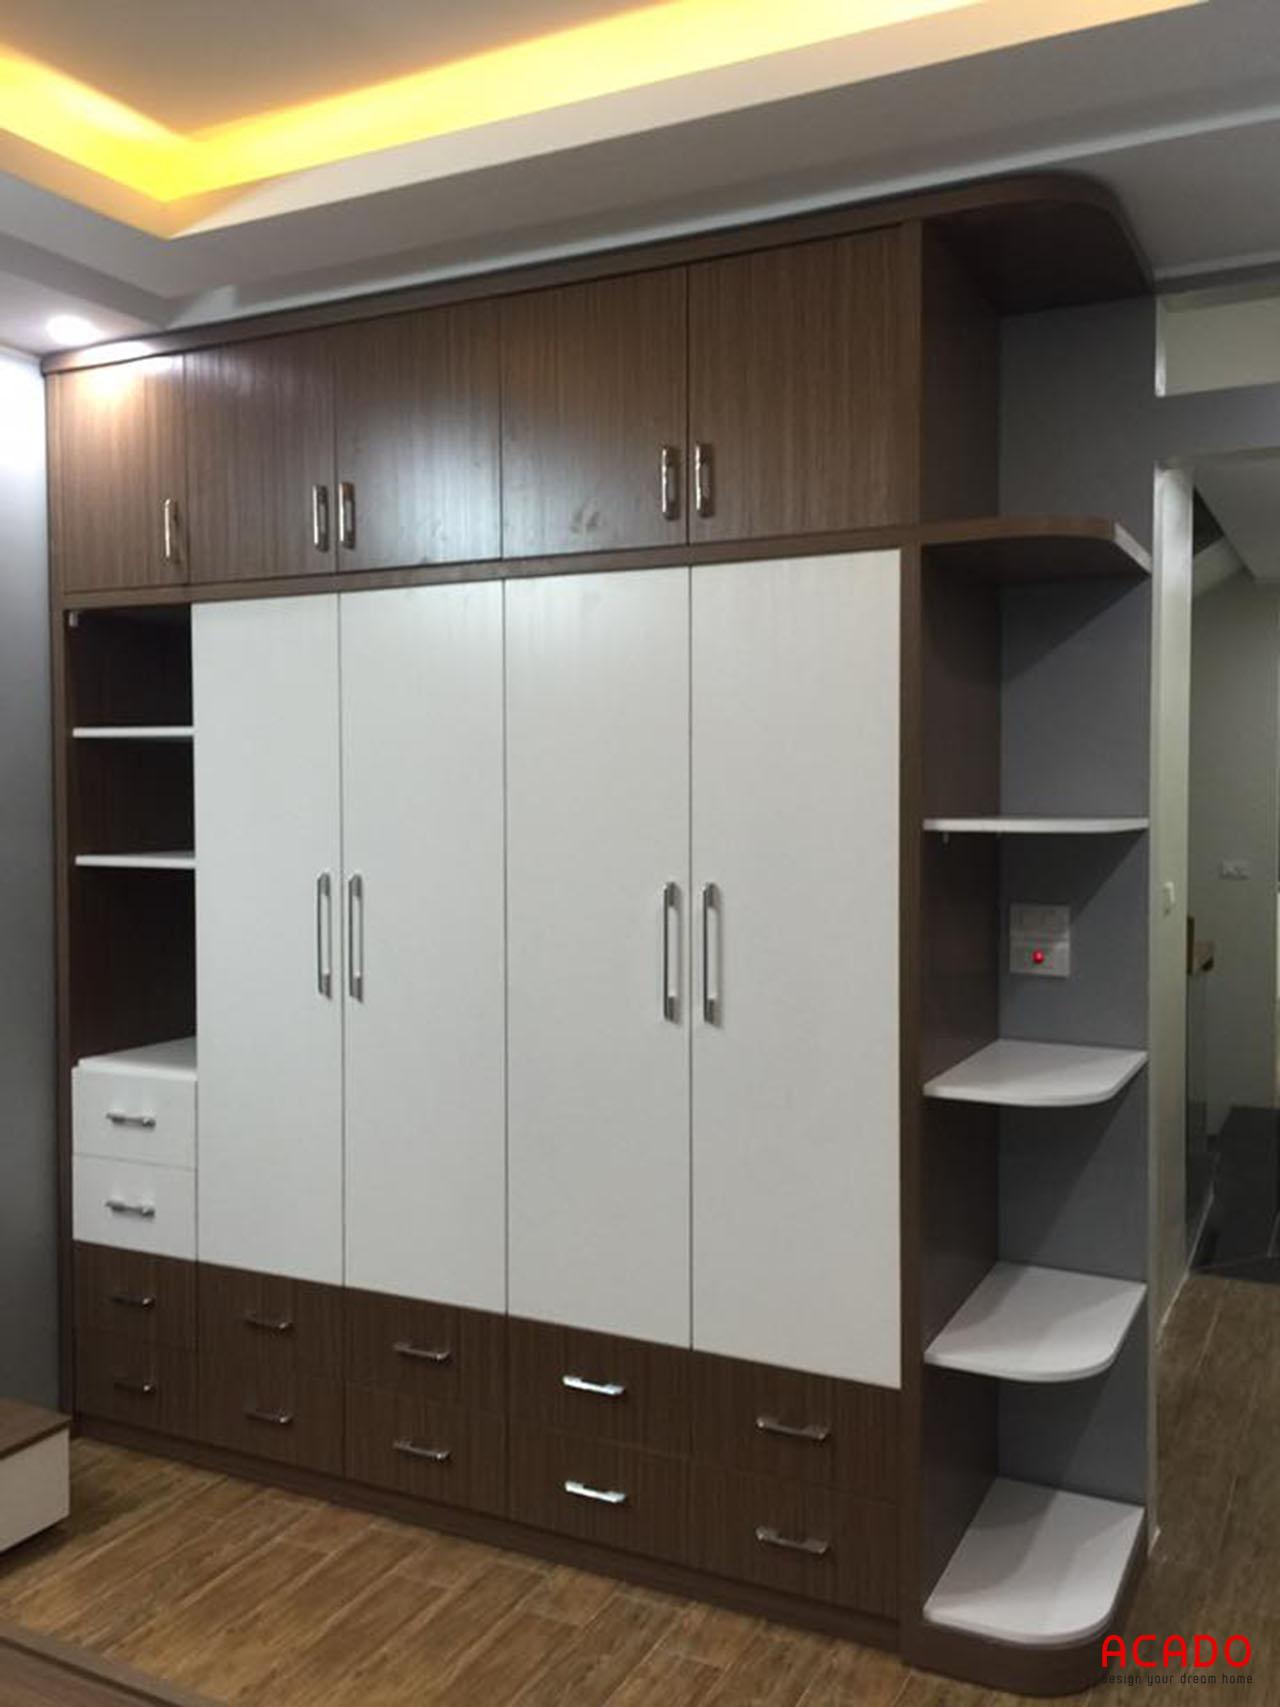 Tủ quần áo làm từ chất liệu gỗ công nghiệp Laminate cốt MDF lõi xanh chống ẩm